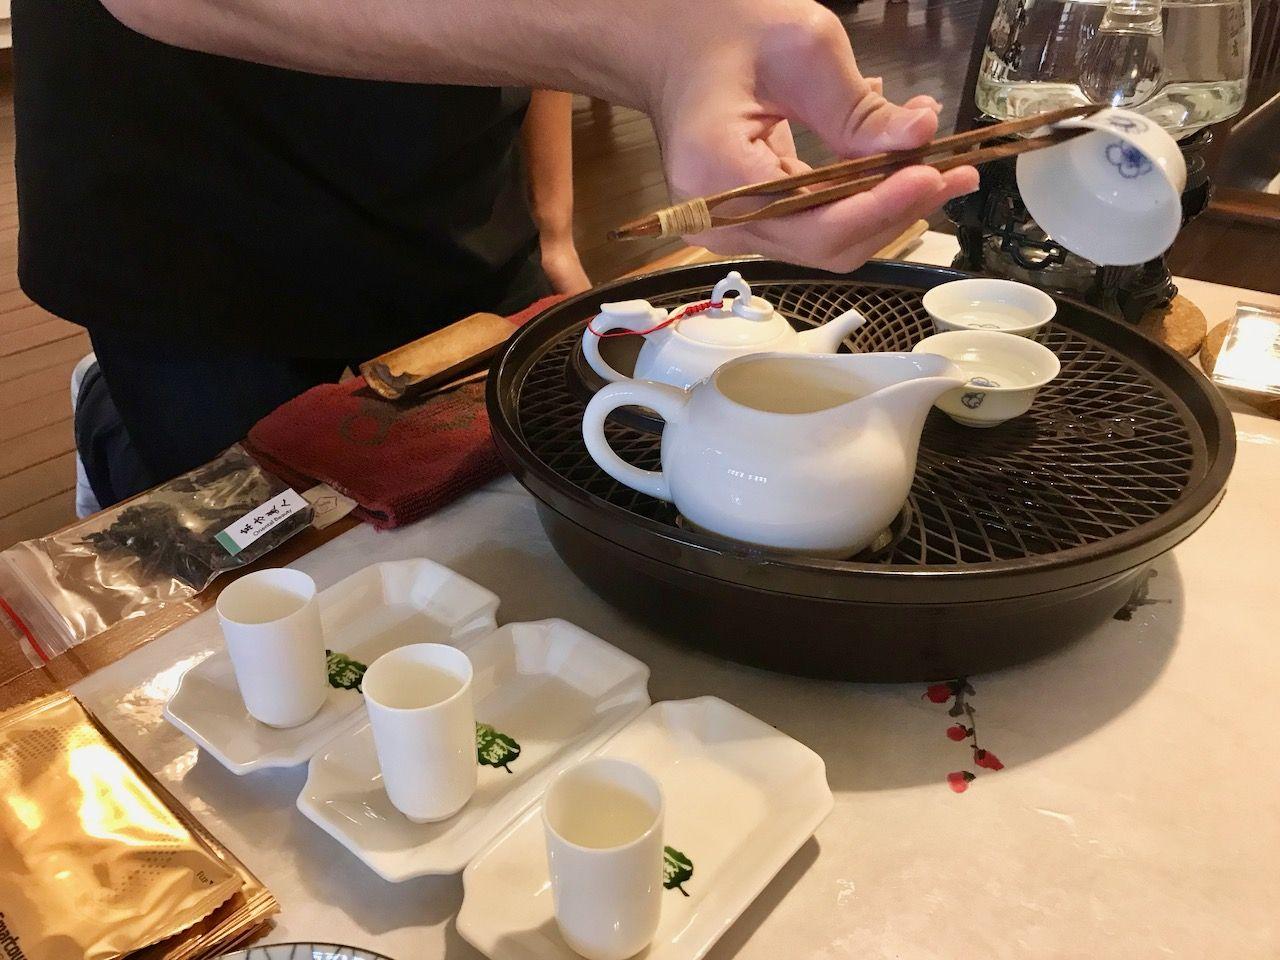 暑いシンガポールで涼しく中国茶体験「ティーチャプター」